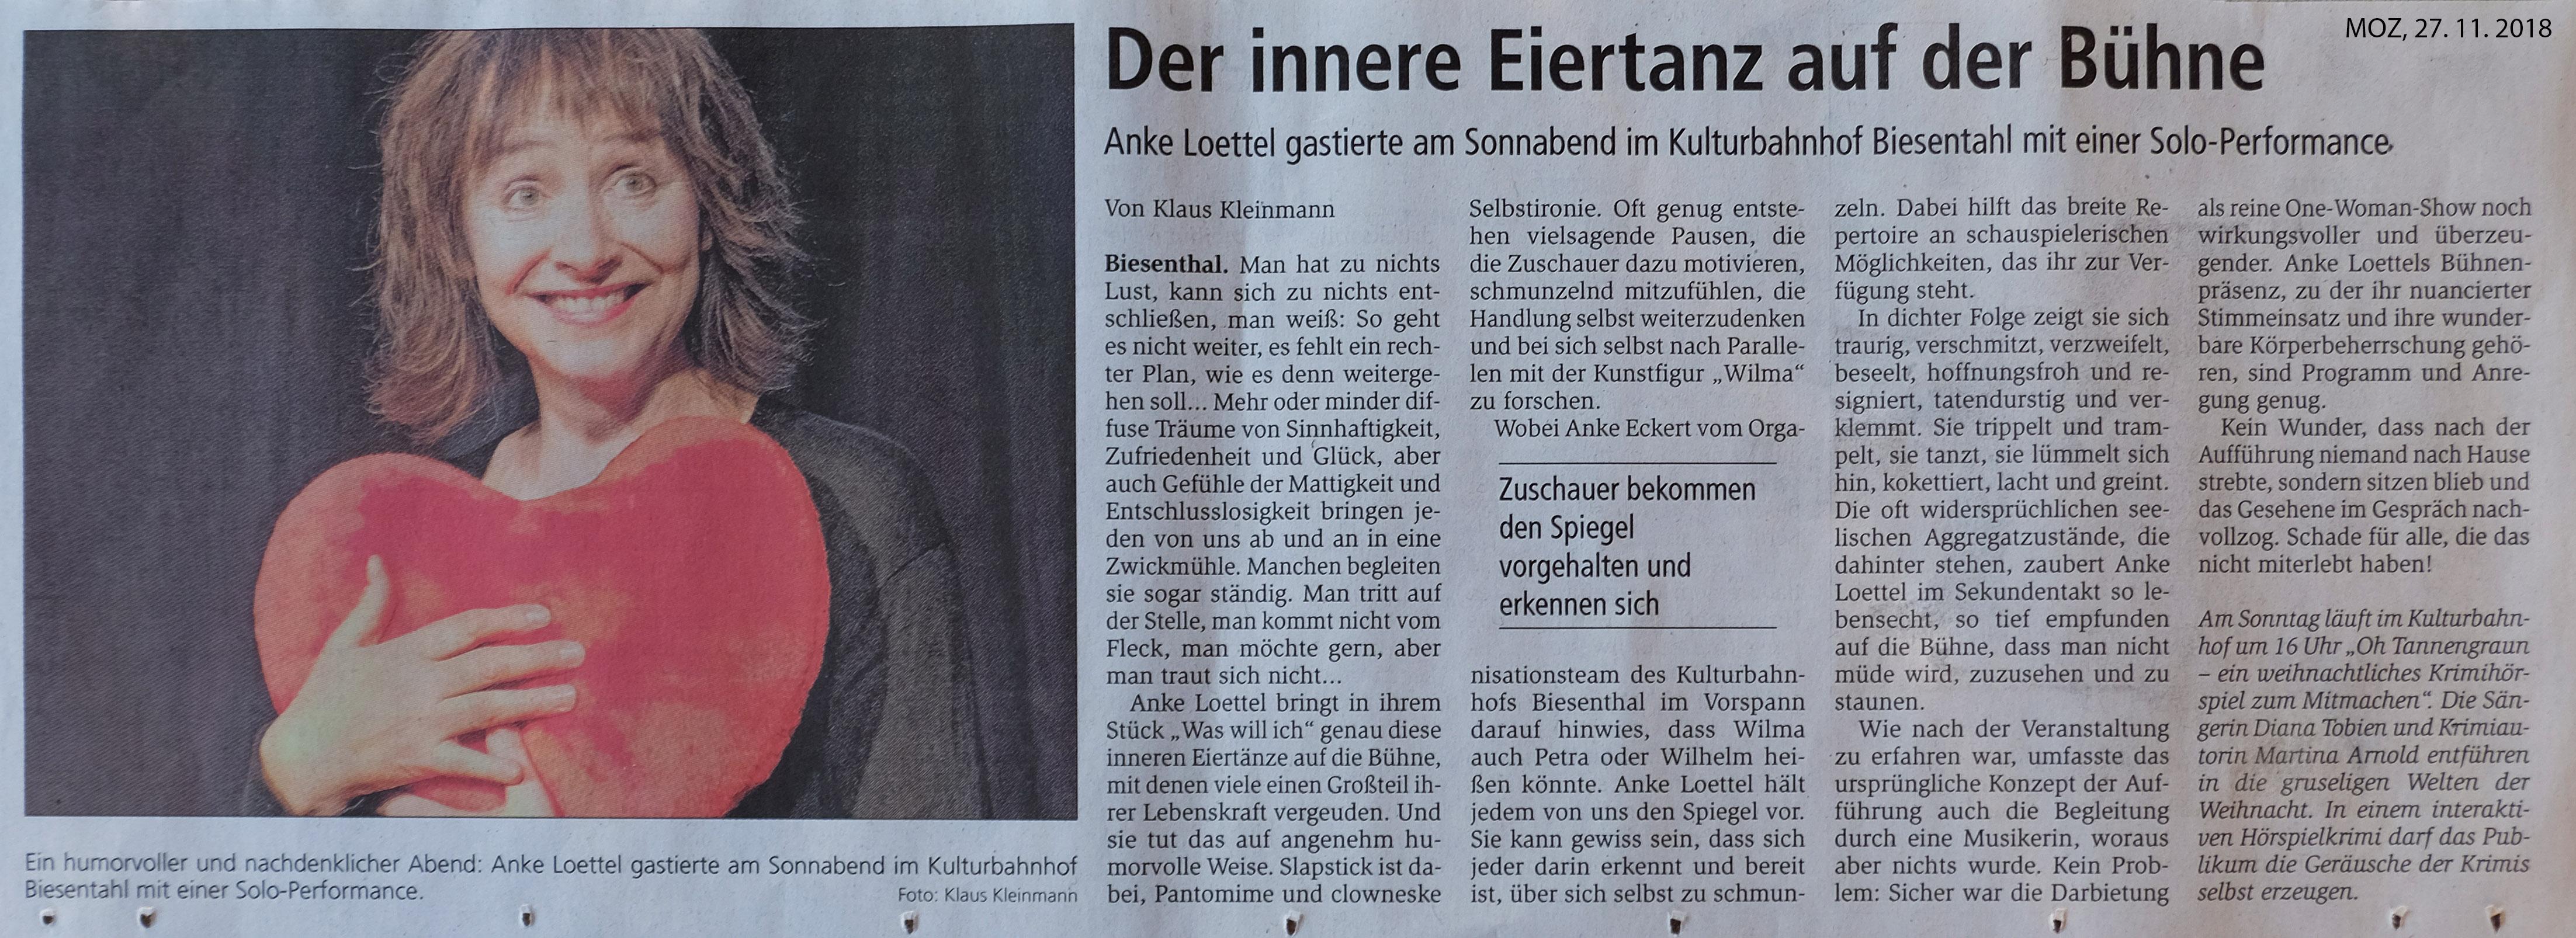 Tanz und Theater-Theater mit Seele-Artikel über WAS WILL ICH K.Kleinmann